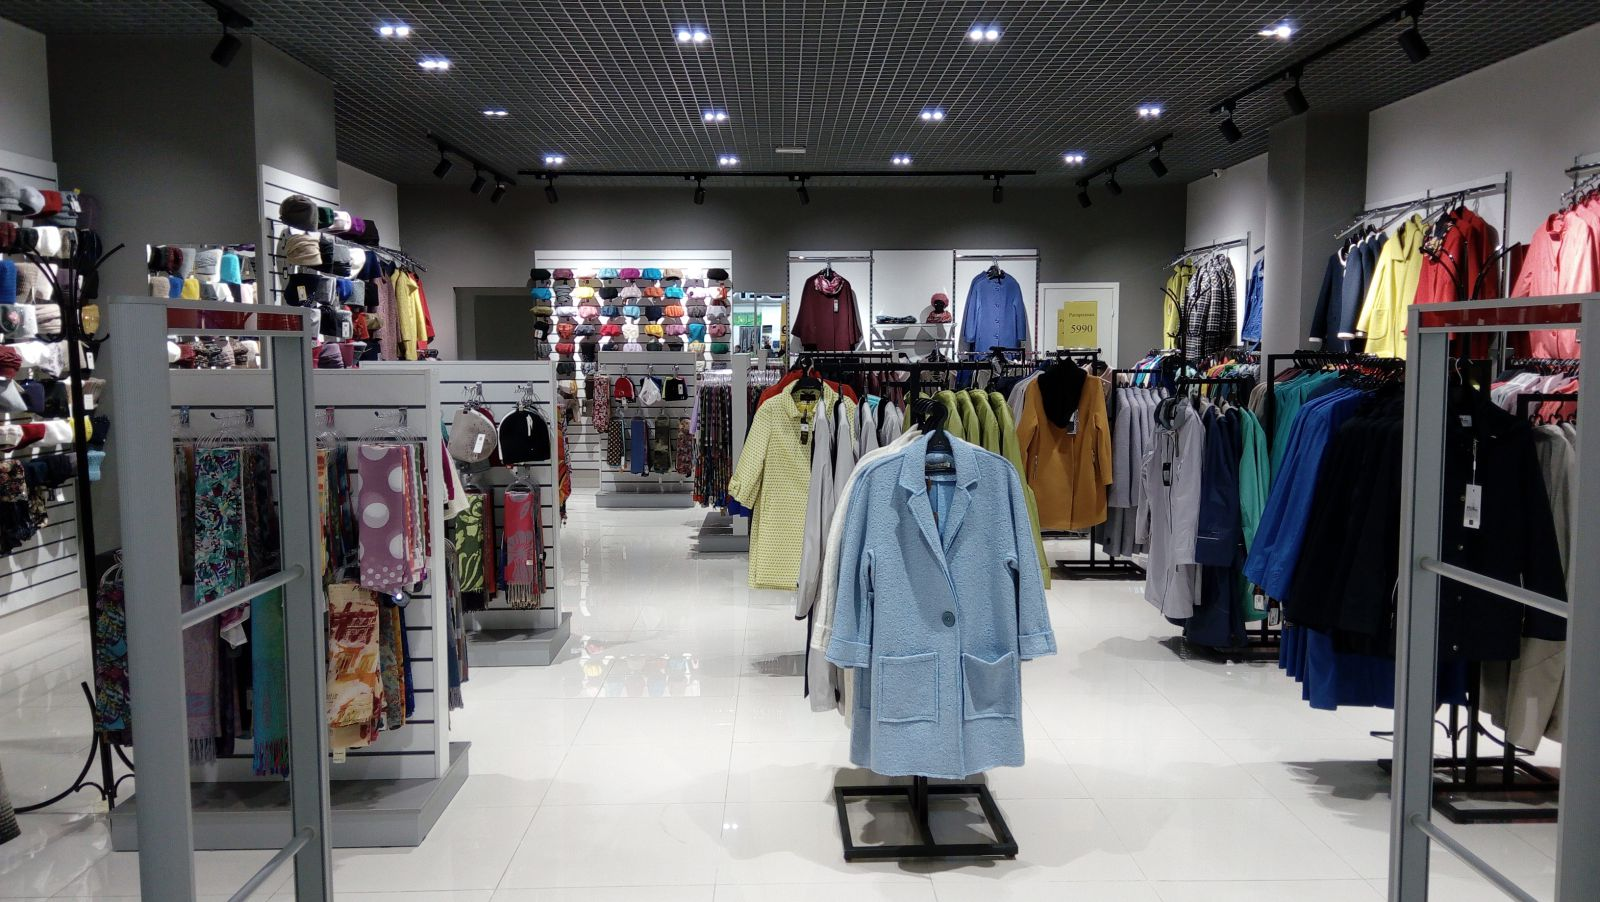 Магазин Одежды Екатеринбург Академический Район